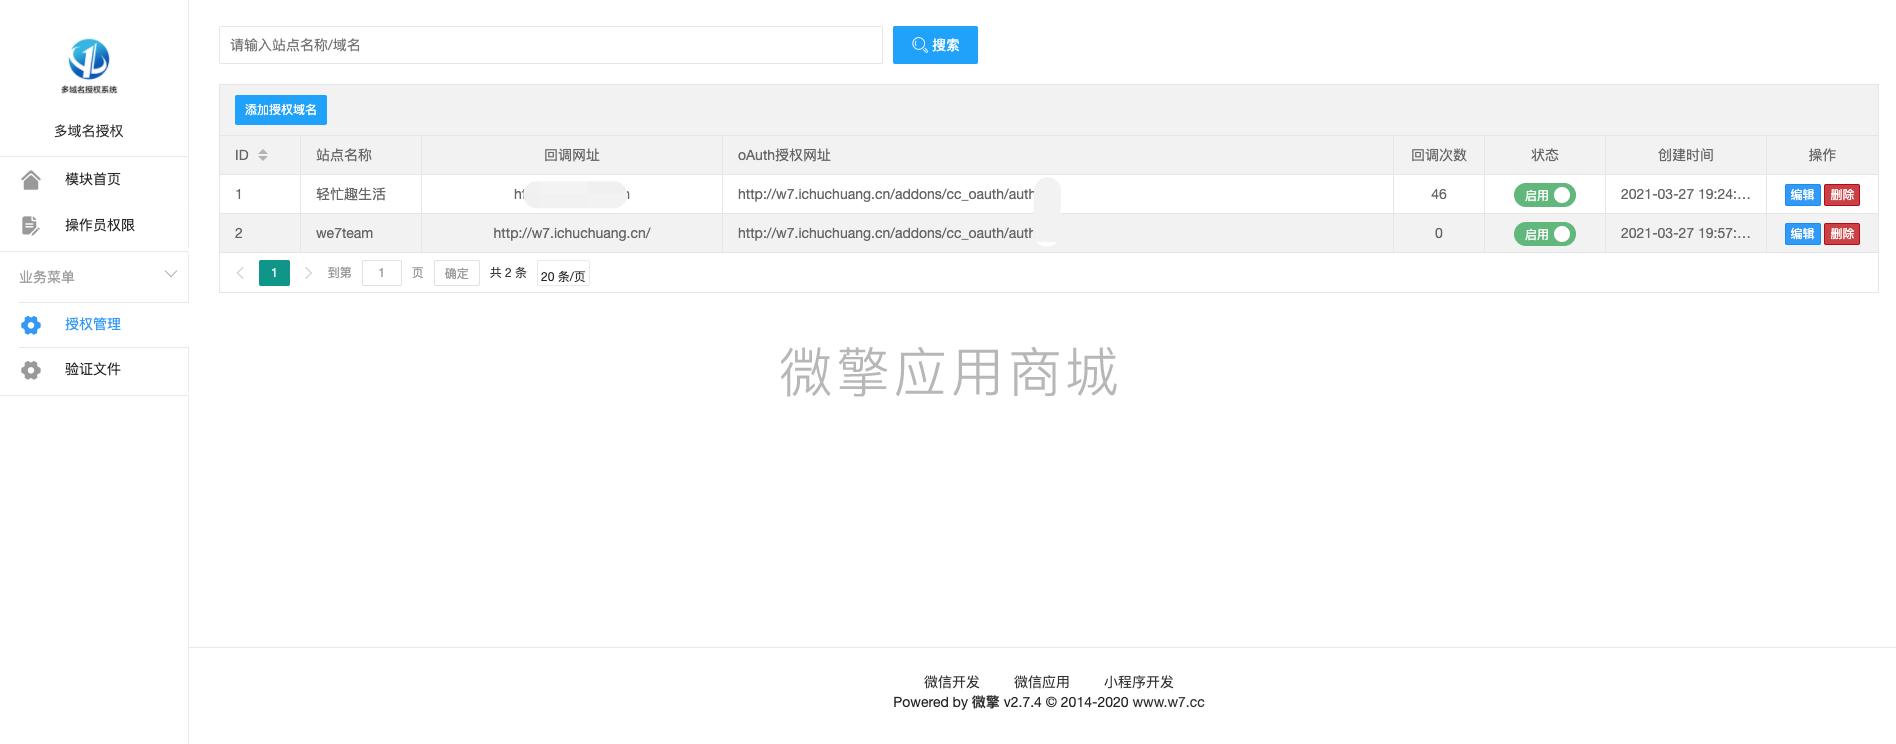 【公众号应用】多域名授权V1.2.2,完善多落地域名回调 公众号应用 第4张